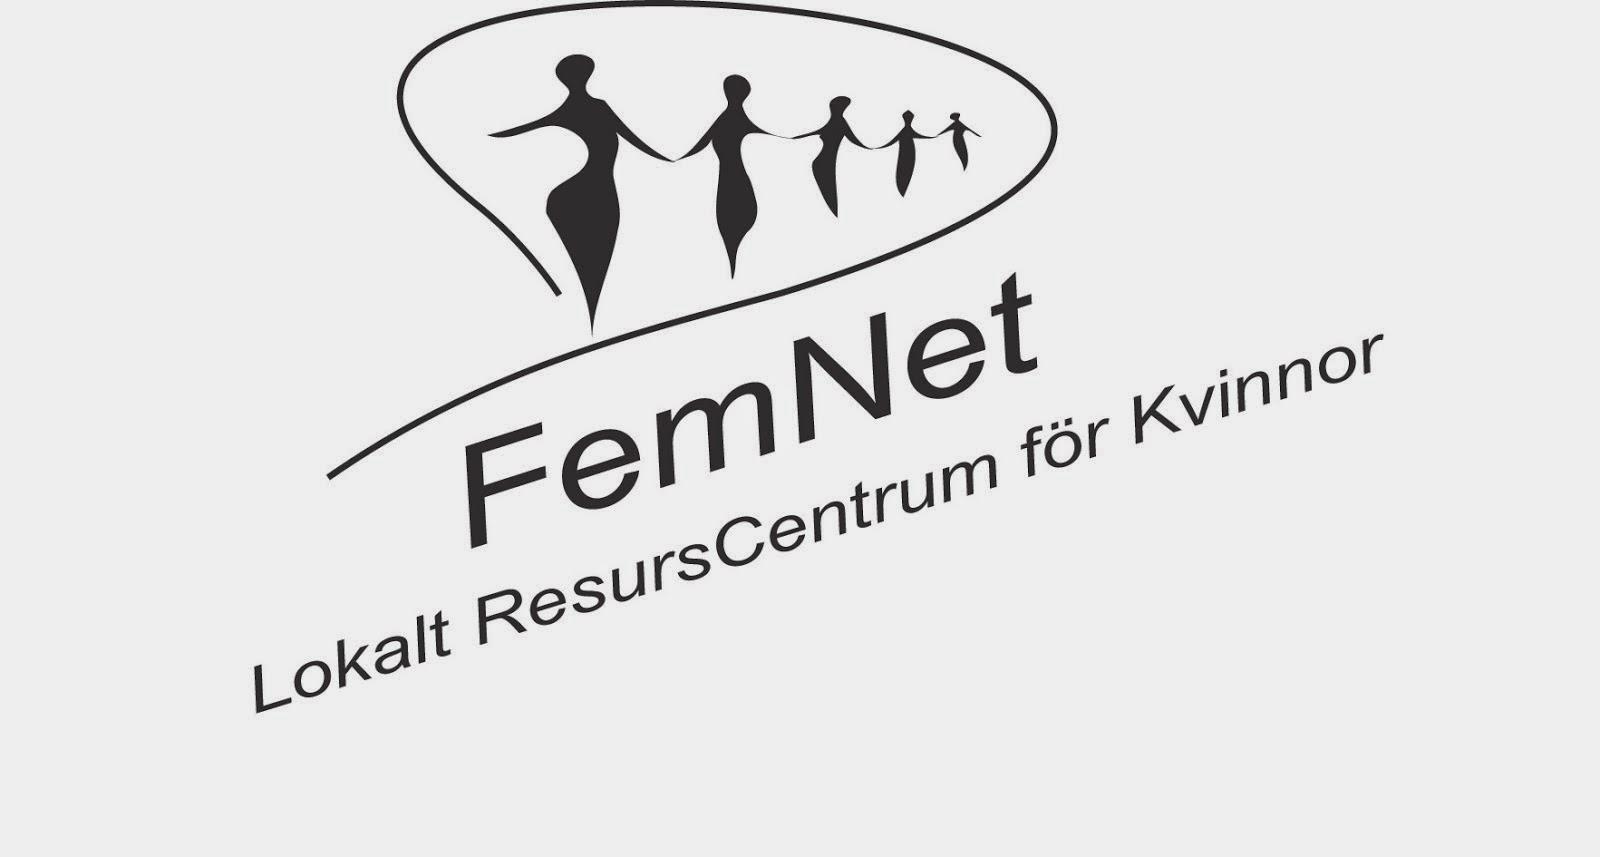 www.femnet.se